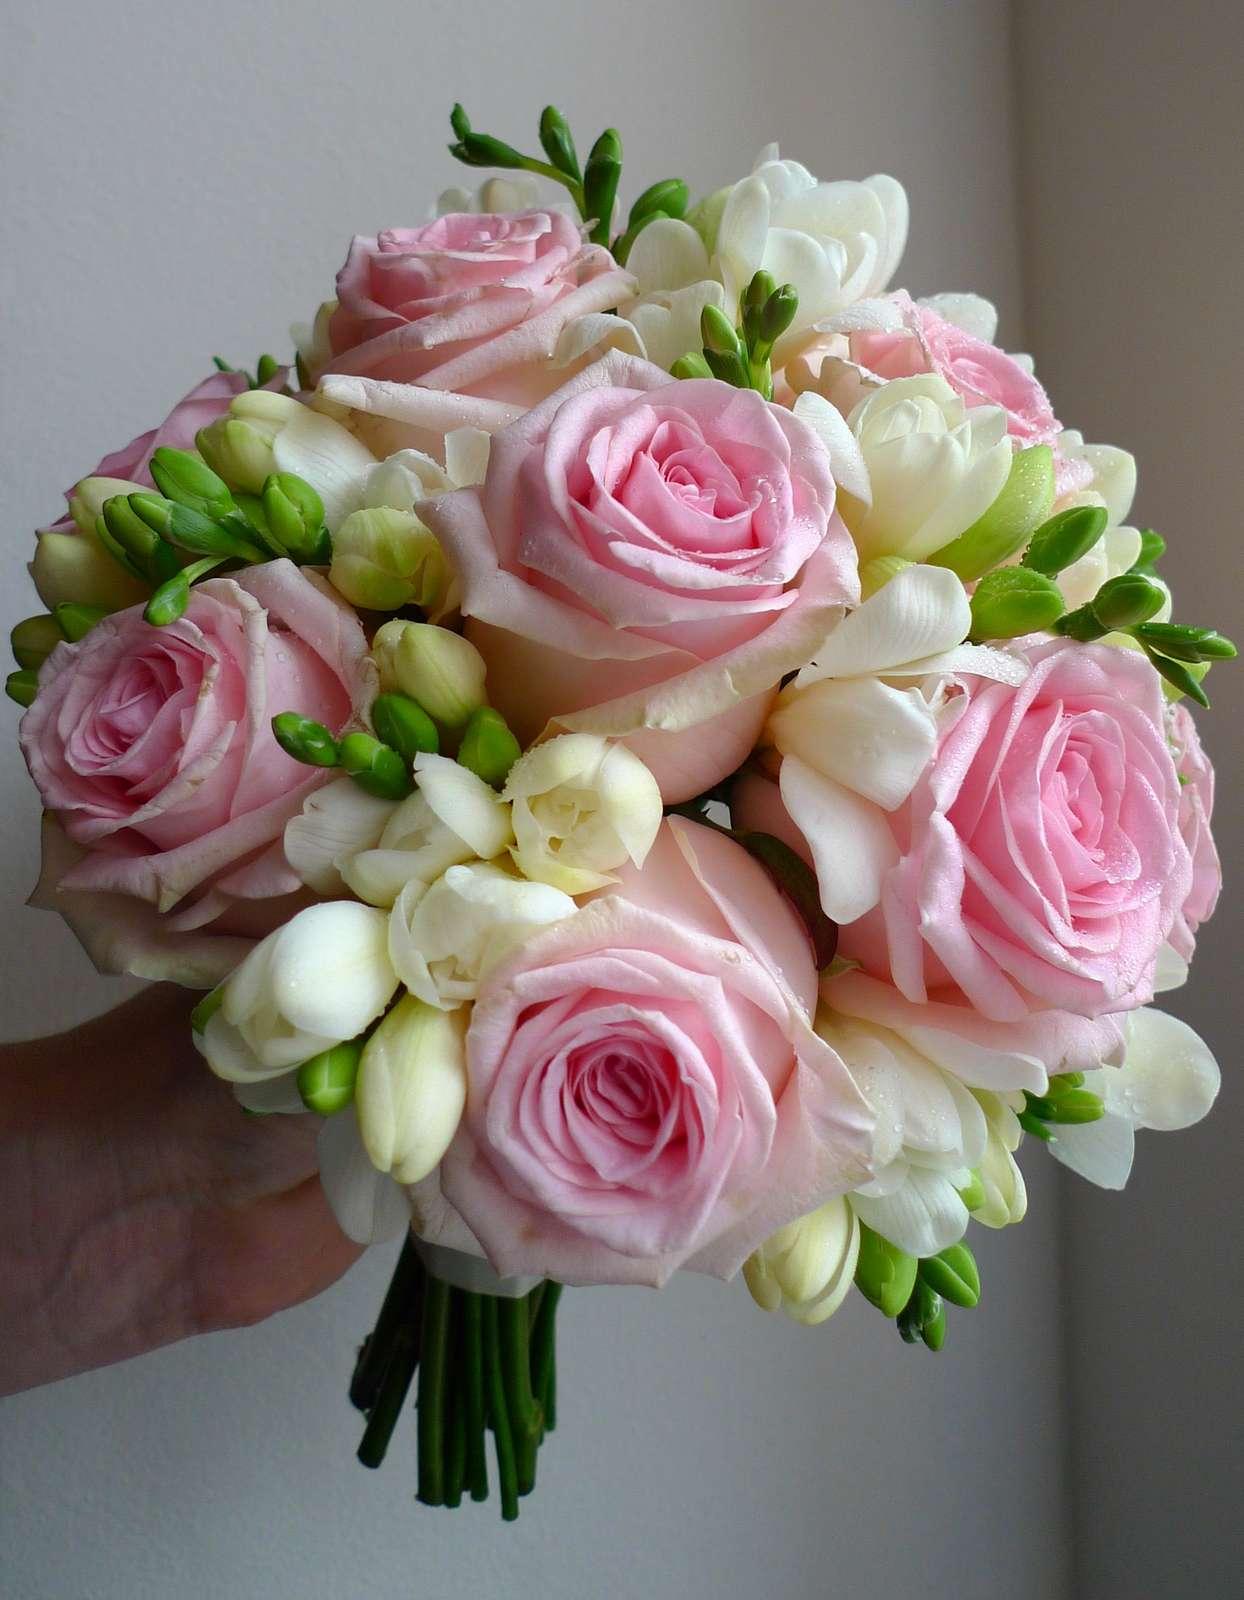 Jednoduchá kytice z frézií a růží - Obrázek č. 1